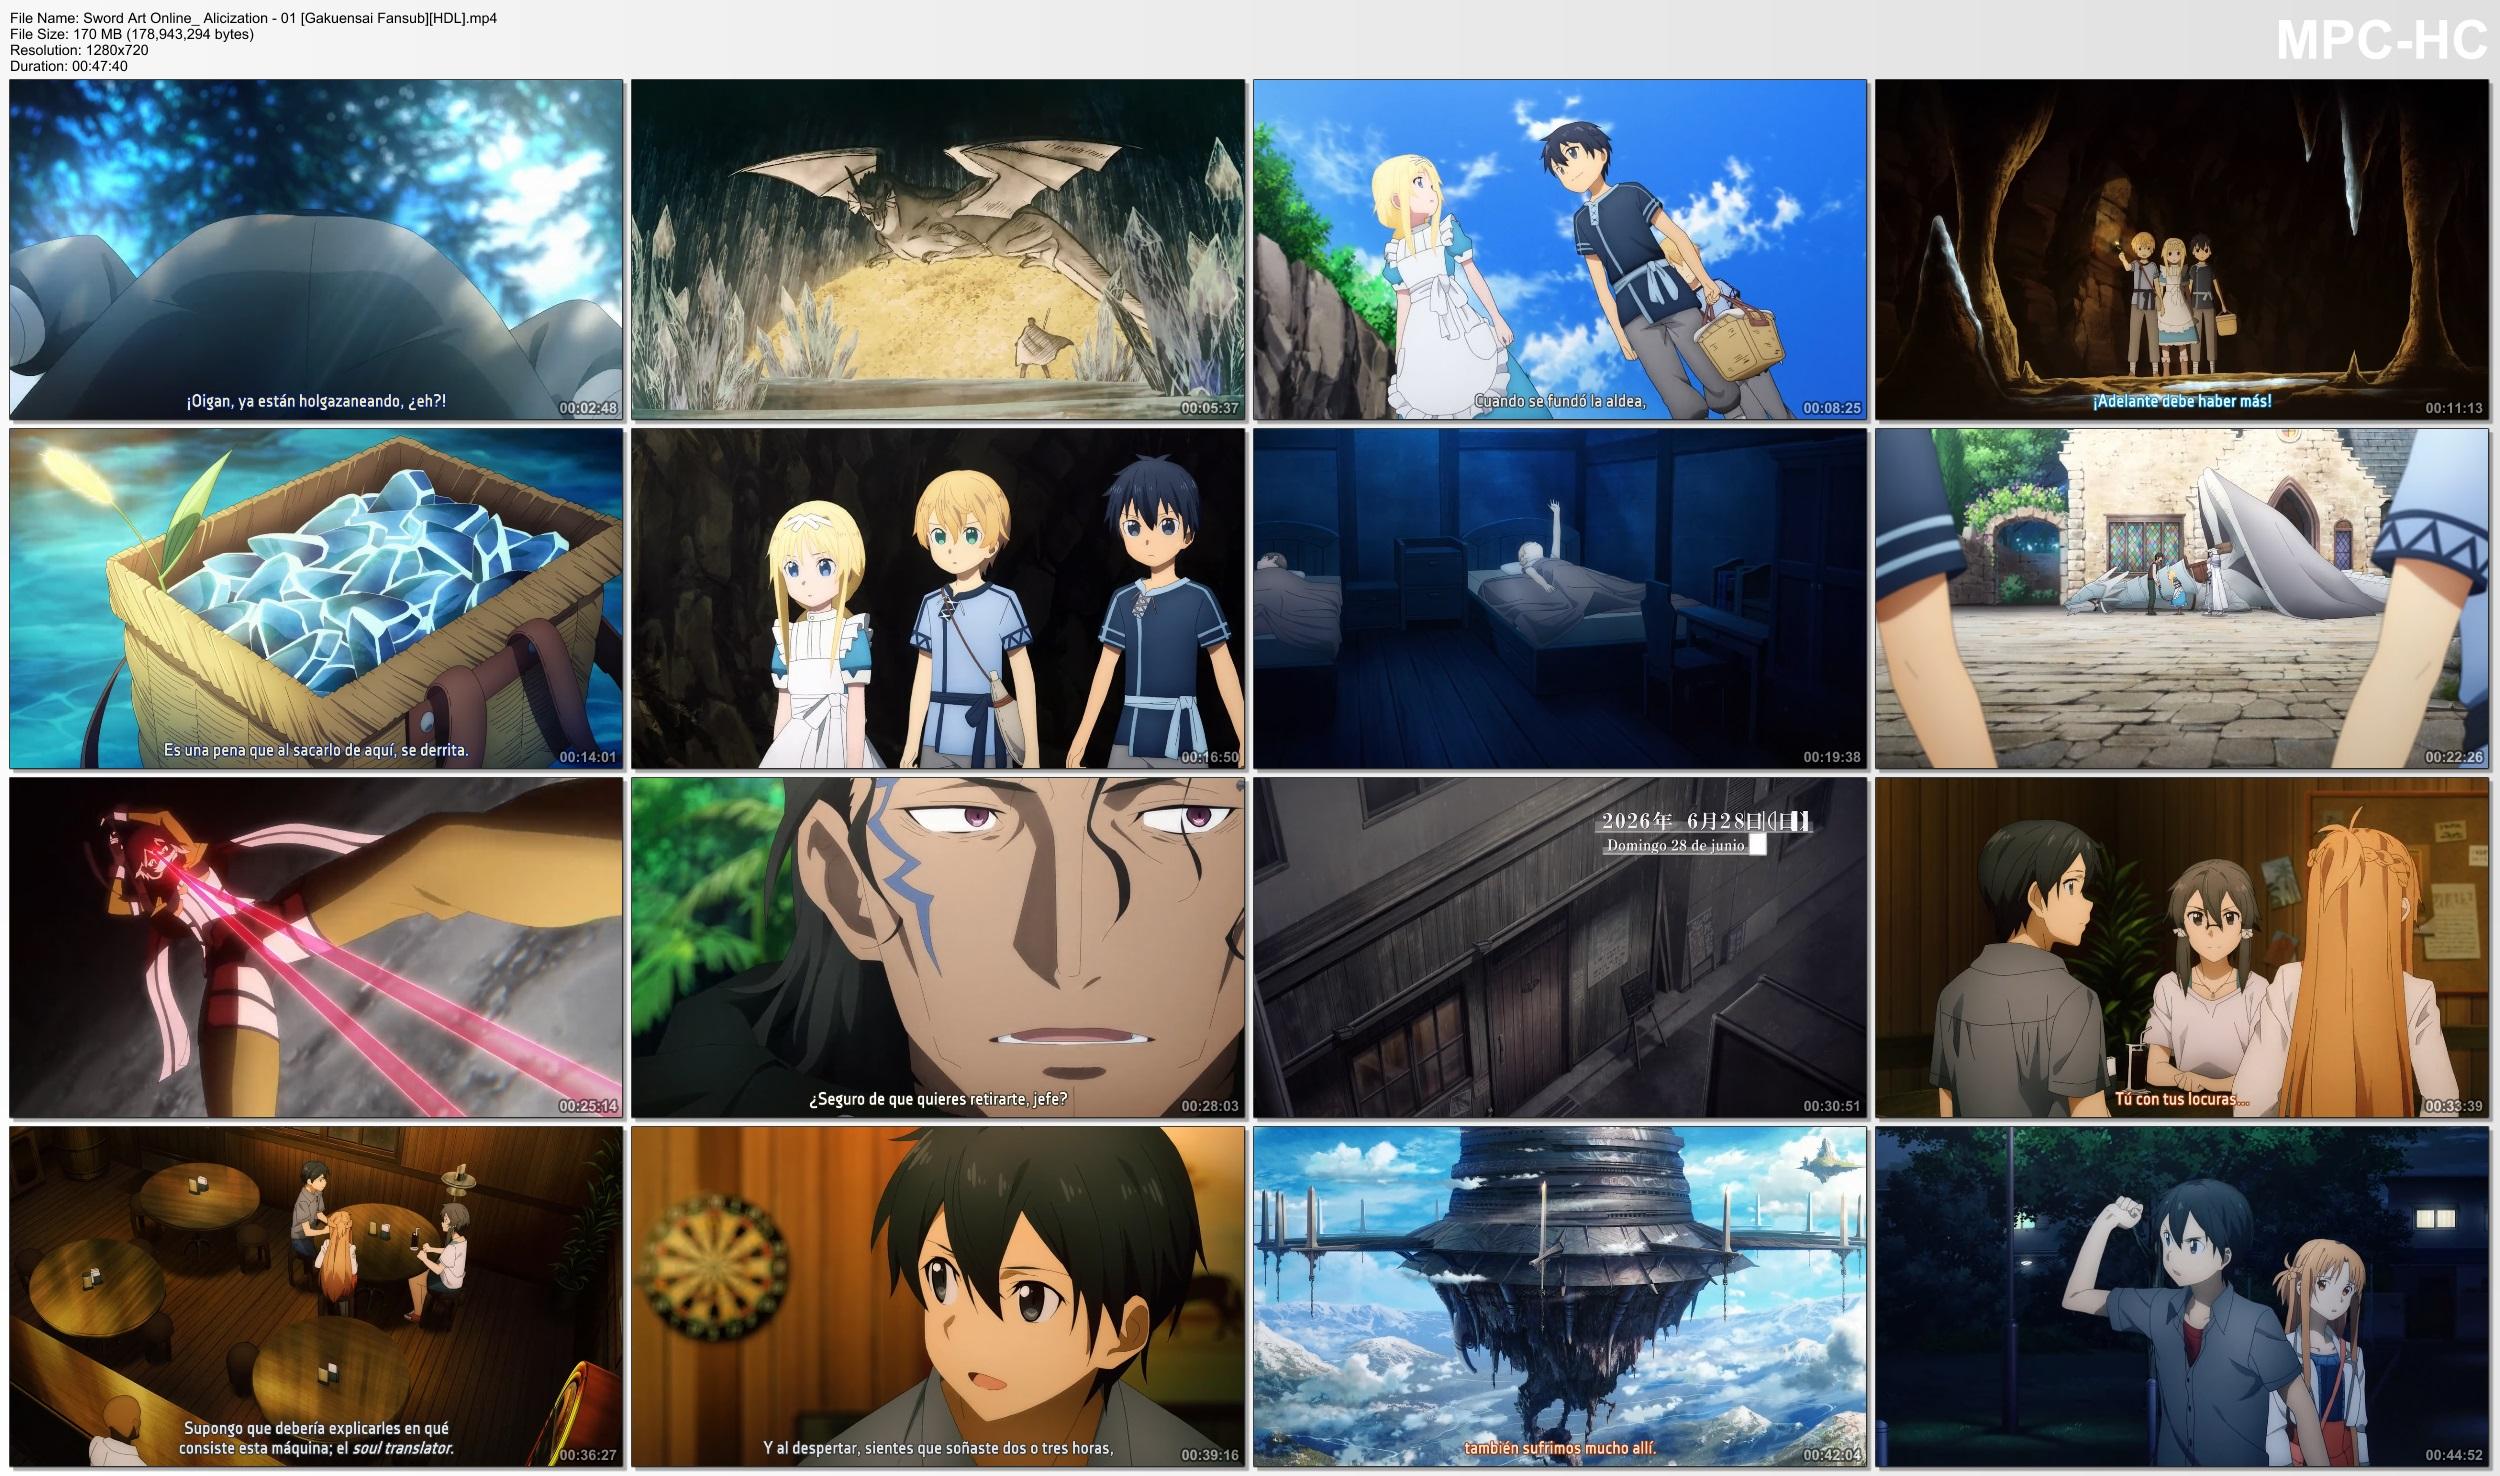 xK885a5ymkNvd - [Aporte] Sword Art Online: Alicization [24/24][85MB][MEGA][Concluido] - Anime Ligero [Descargas]